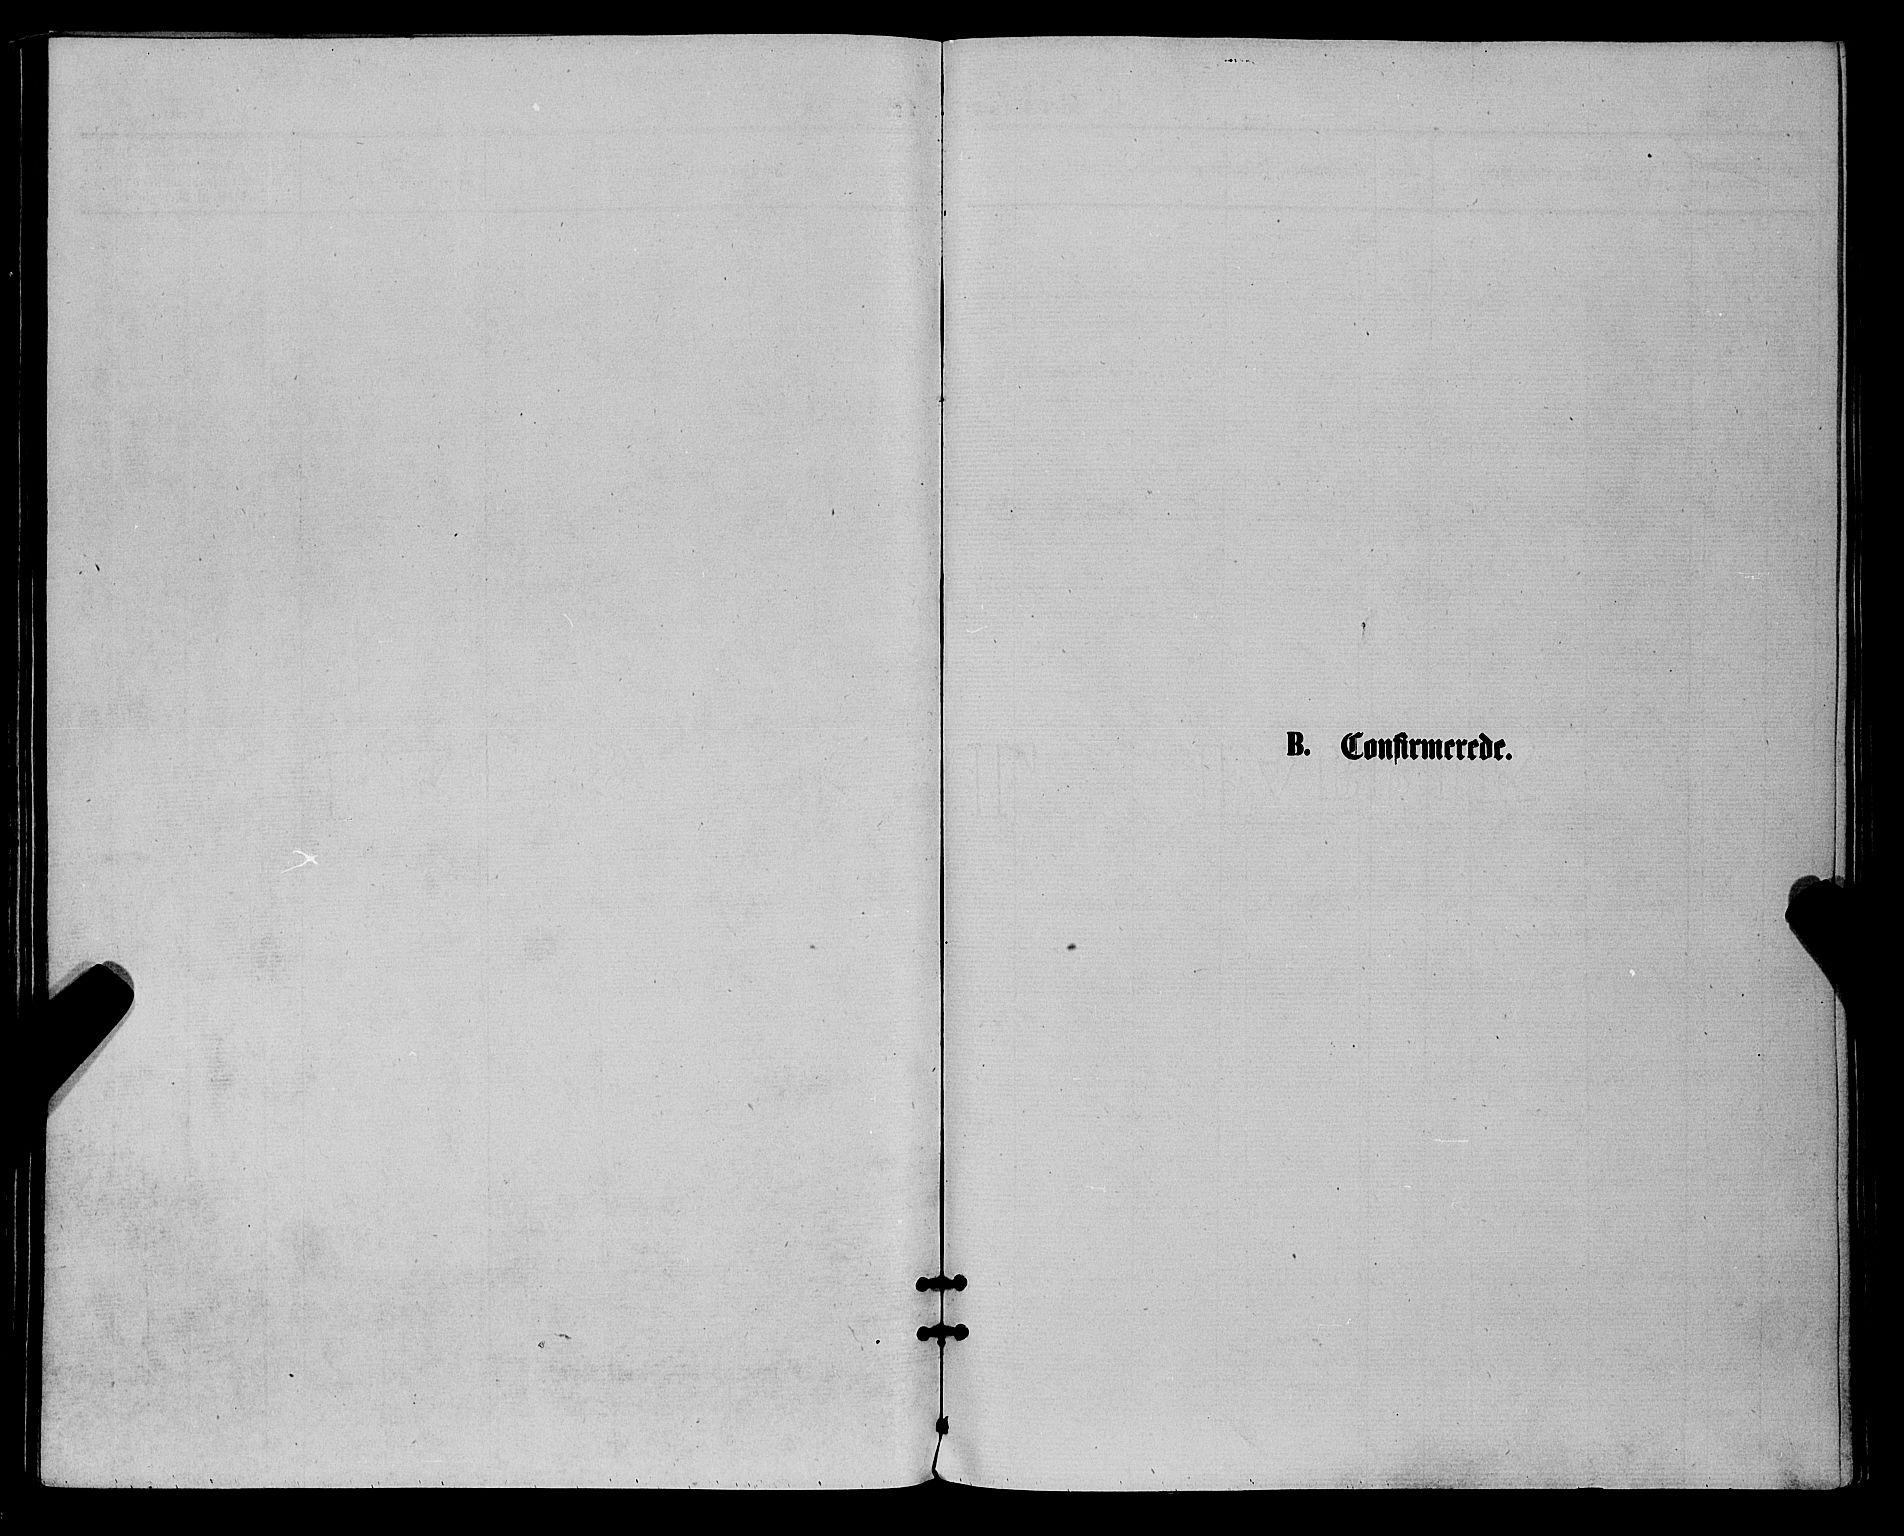 SATØ, Skjervøy sokneprestkontor, H/Ha/Haa/L0008kirke: Ministerialbok nr. 8, 1871-1877